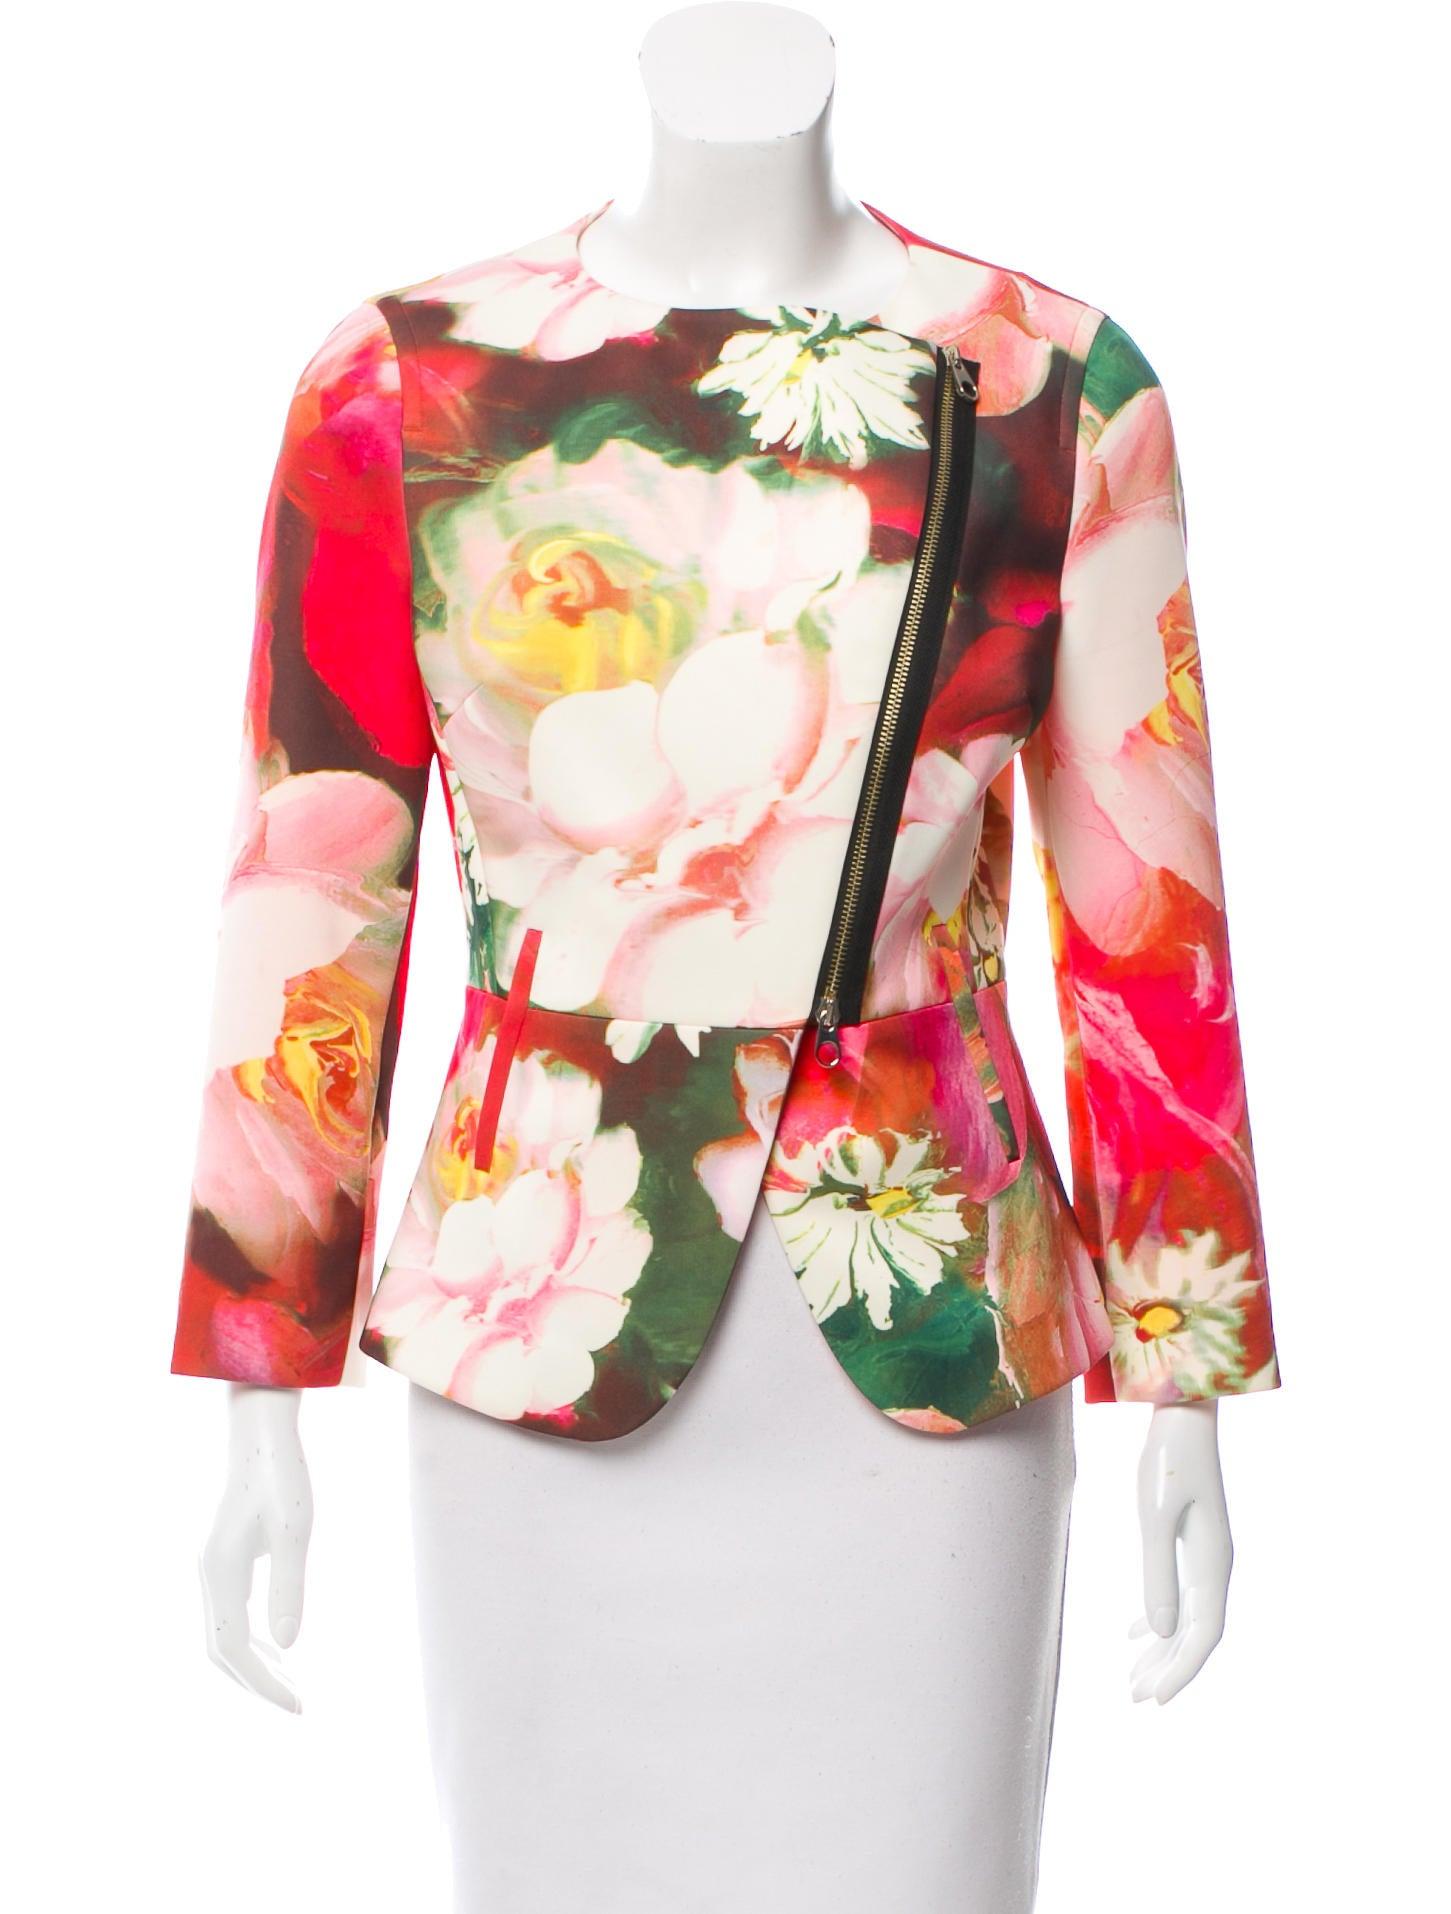 1197214d40ff9 Ted baker neoprene floral print jacket clothing jpg 1451x1914 Ted baker  floral jacket